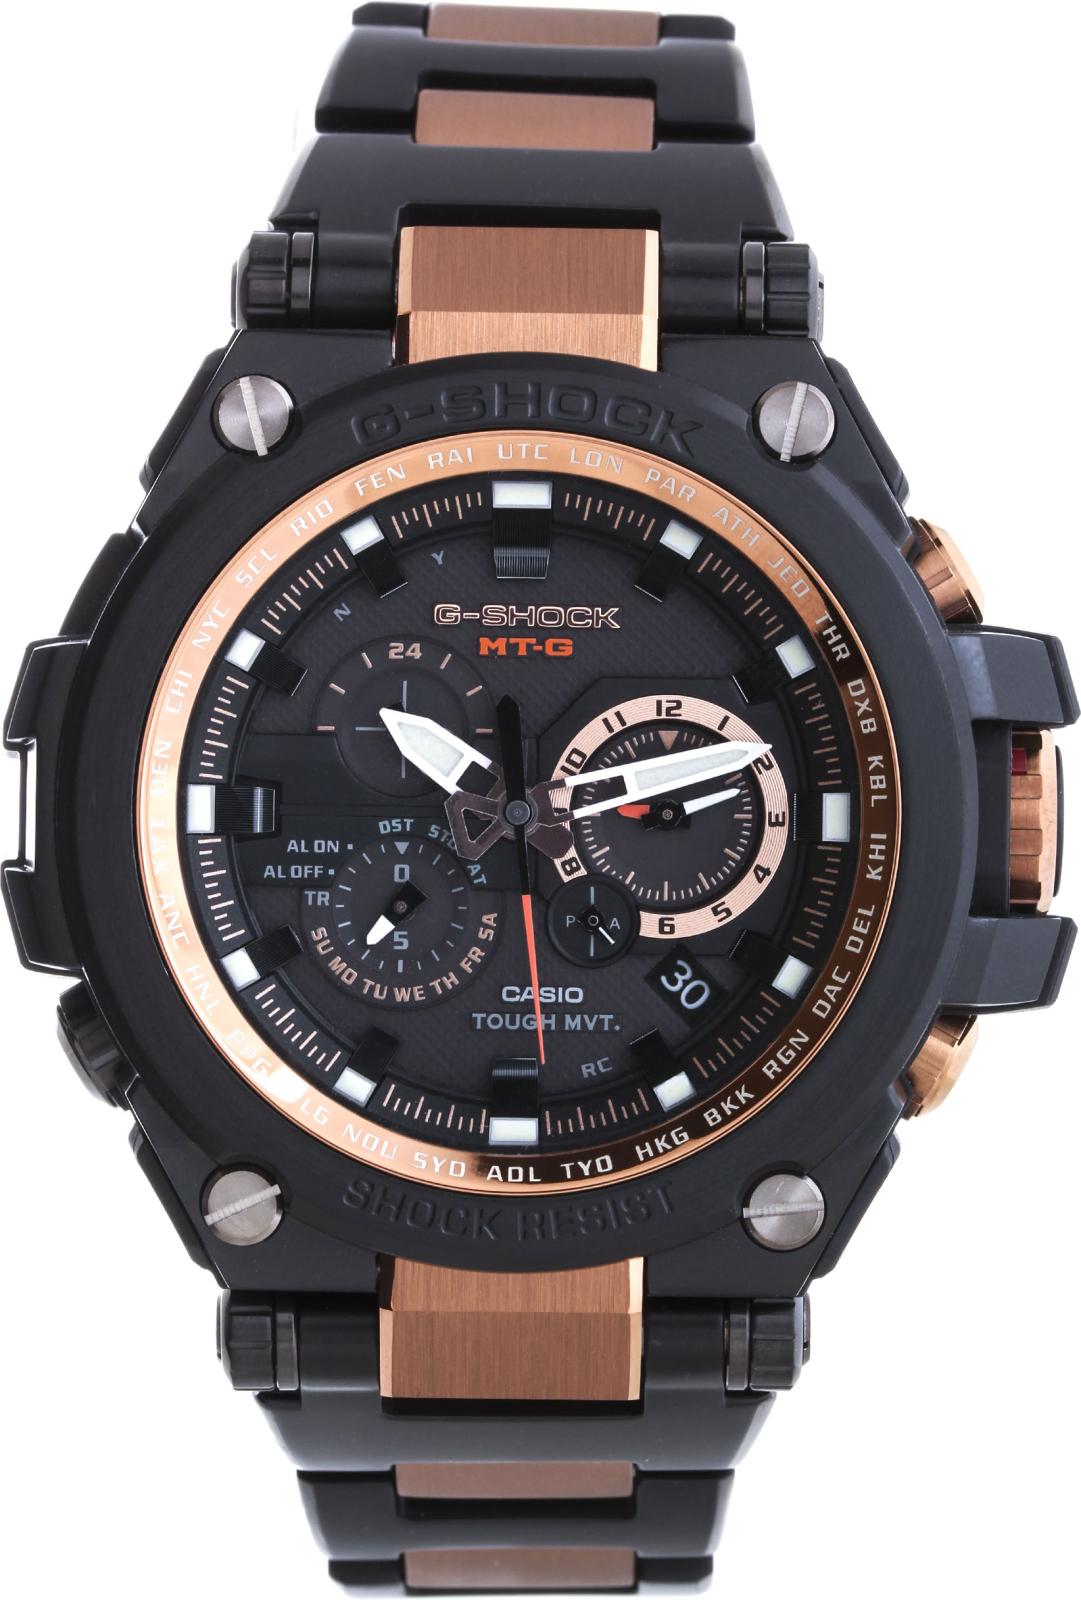 Casio G-shock  MT-G MTG-S1000BD-5AНаручные часы<br>Японские часы Casio G-shock  MT-G MTG-S1000BD-5A<br><br>Пол: Мужские<br>Страна-производитель: Япония<br>Механизм: Кварцевый<br>Материал корпуса: Сталь+пластик<br>Материал ремня/браслета: Сталь<br>Водозащита, диапазон: 200 - 800 м<br>Стекло: Сапфировое<br>Толщина корпуса: 16 мм<br>Стиль: Классика